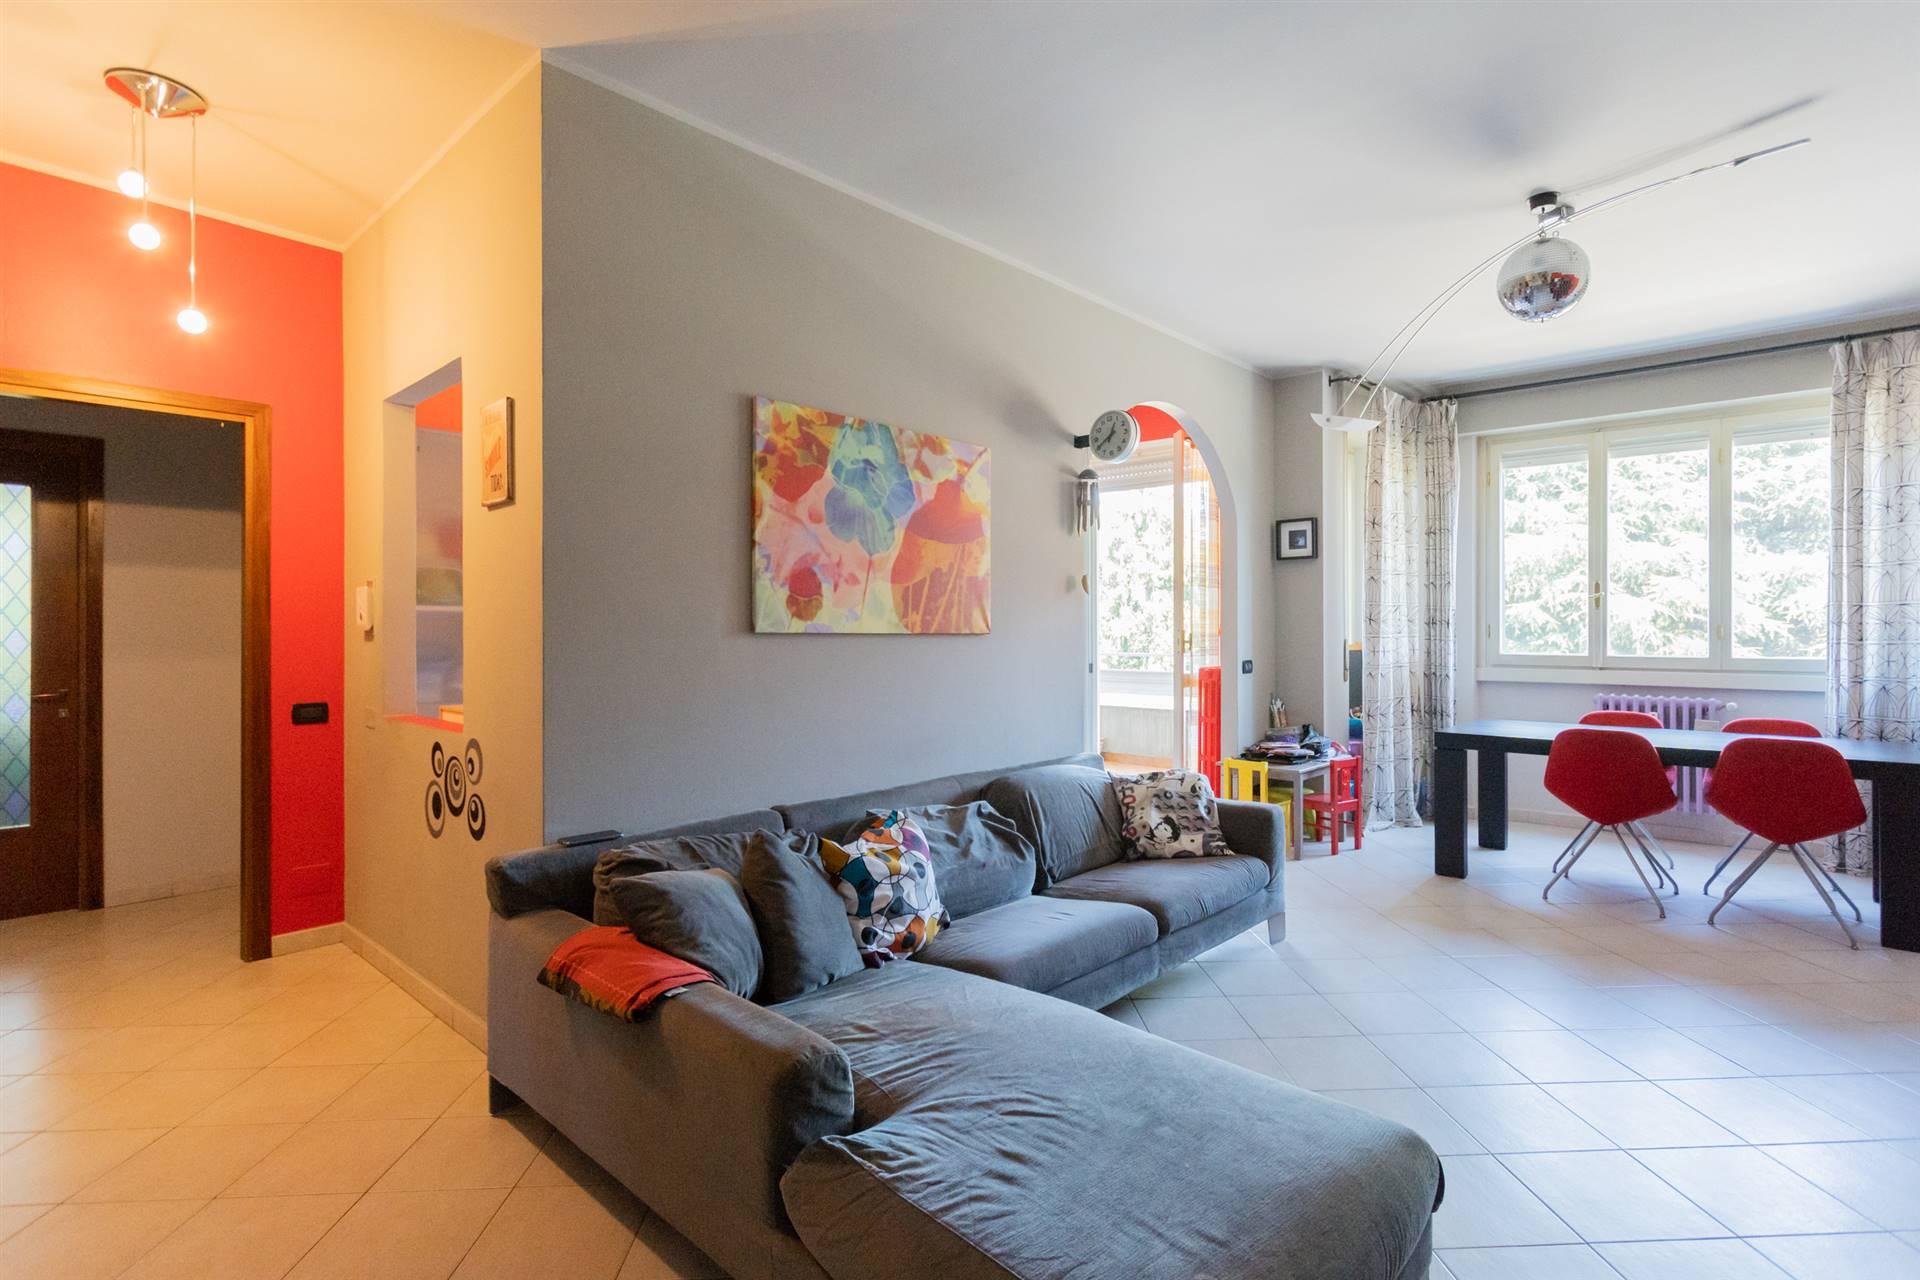 Appartamento in vendita a Cornate d'Adda, 4 locali, zona Zona: Colnago, prezzo € 135.000 | CambioCasa.it